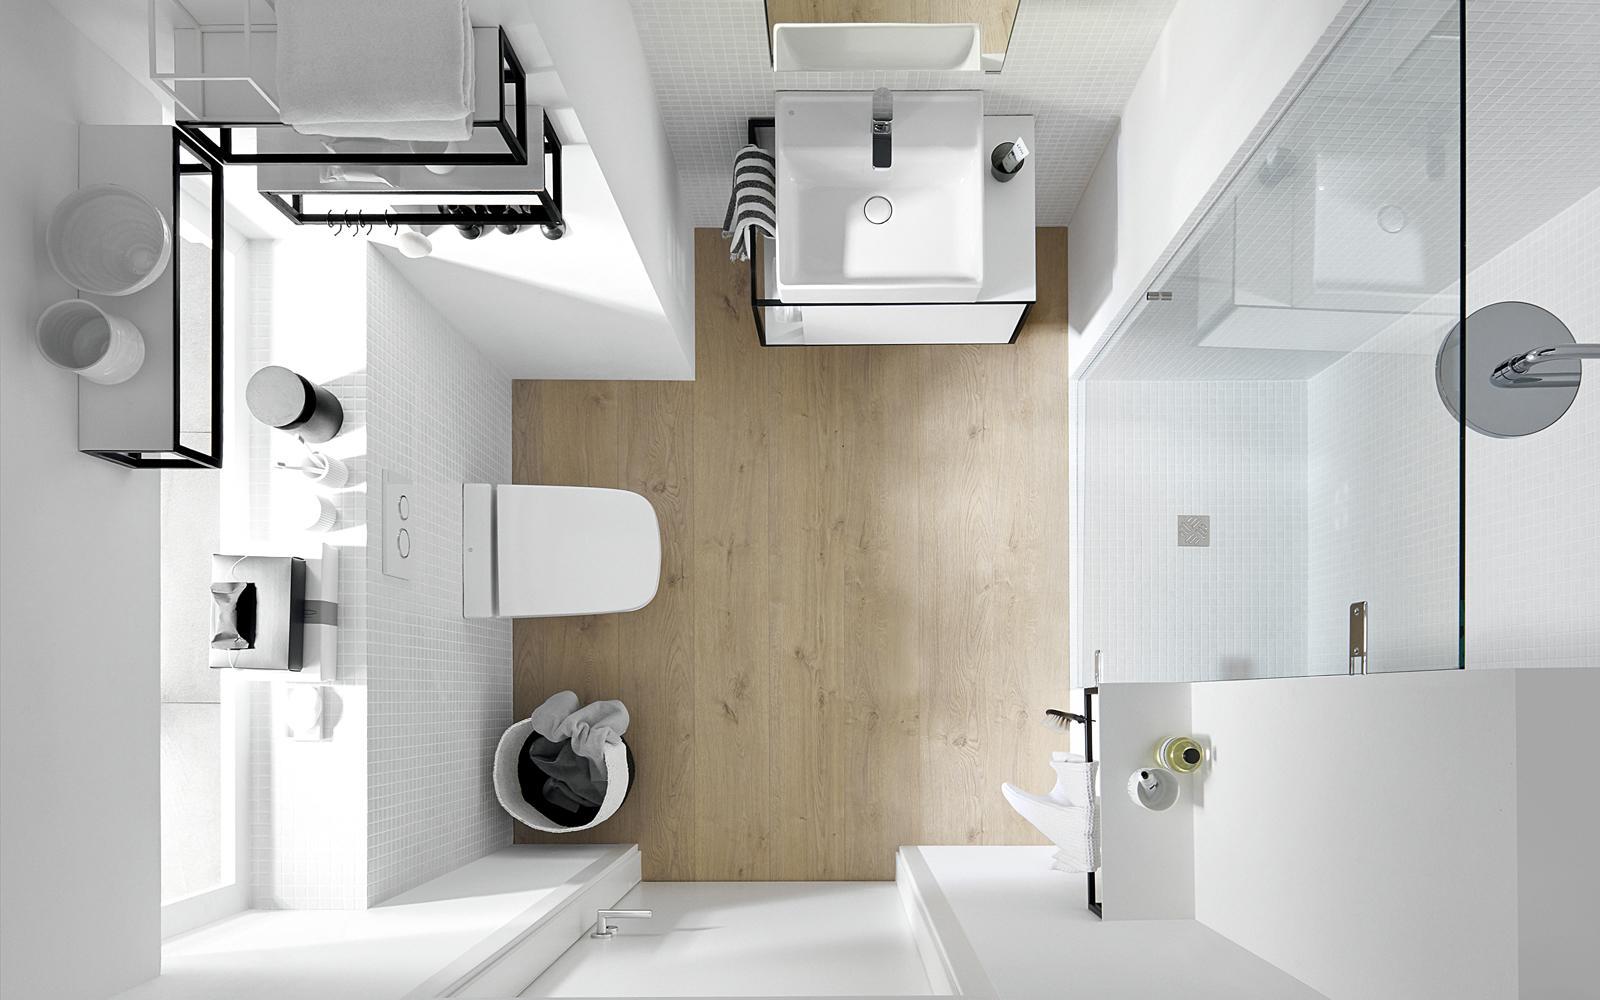 Einrichtungstipps für kleine Badezimmer | Nessmann | Düsseldorf